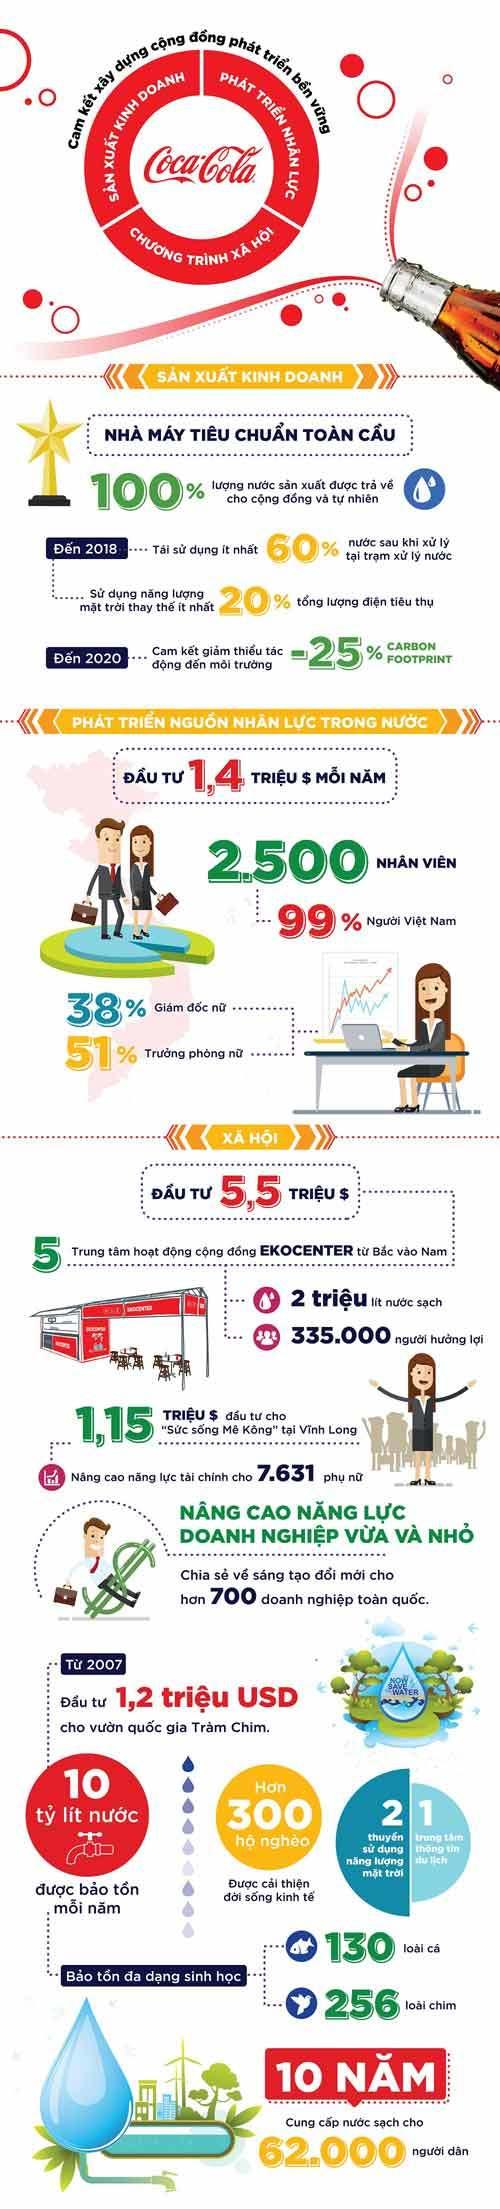 Coca-Cola Việt Nam và những con số biết nói